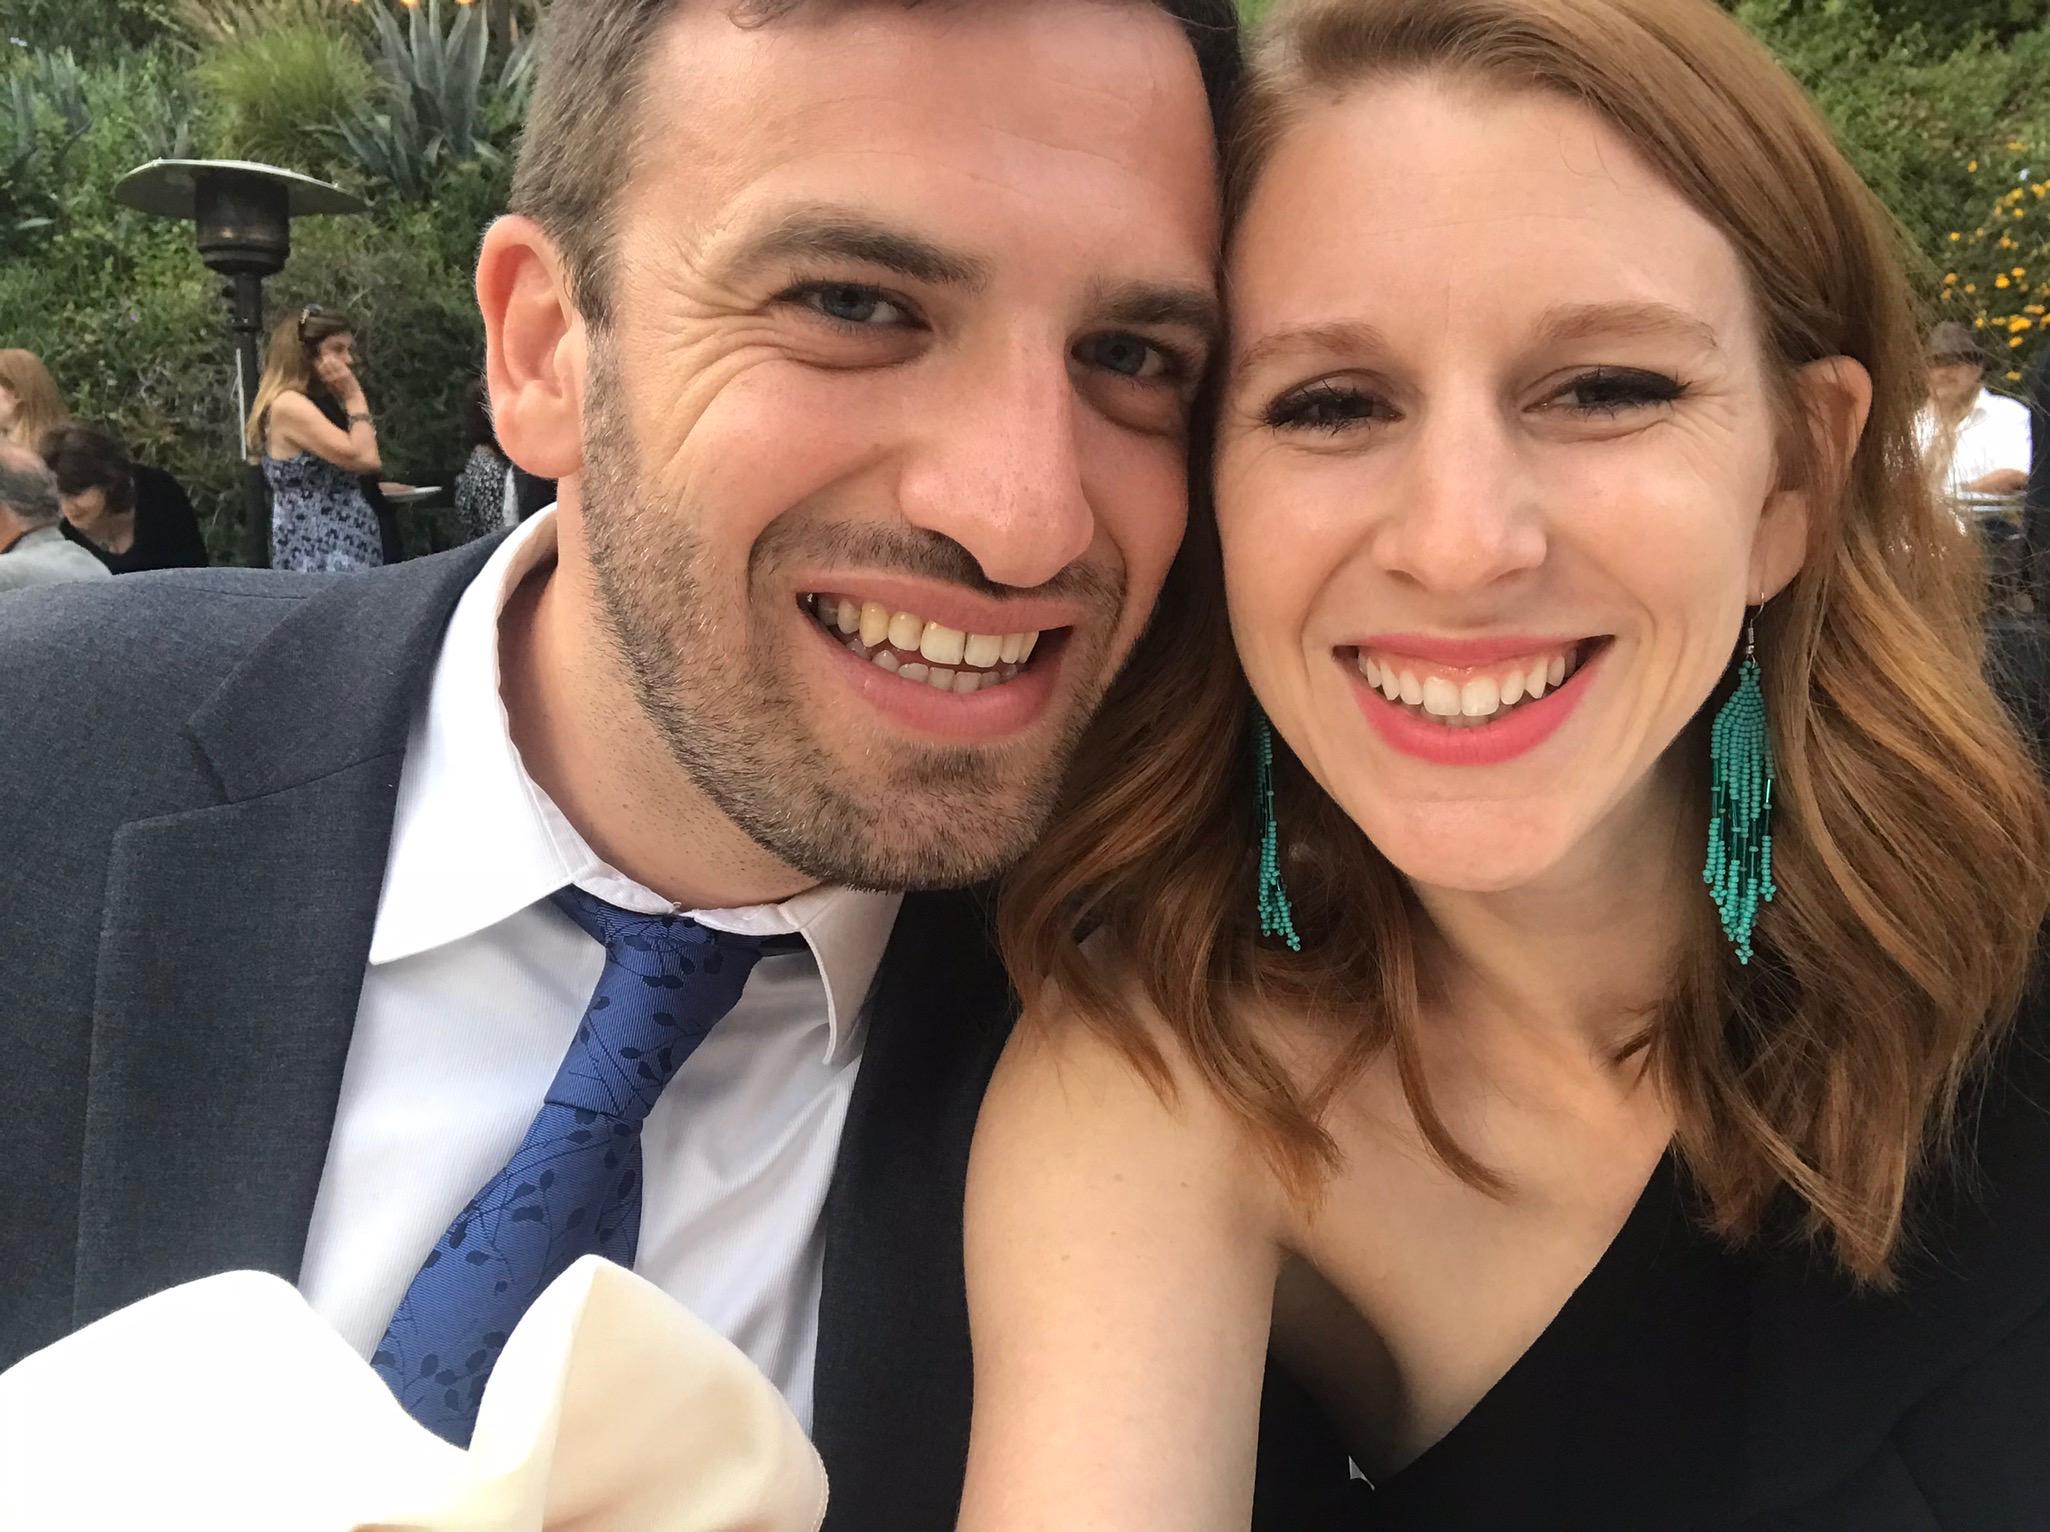 CECE & DYLAN'S WEDDING IN LA